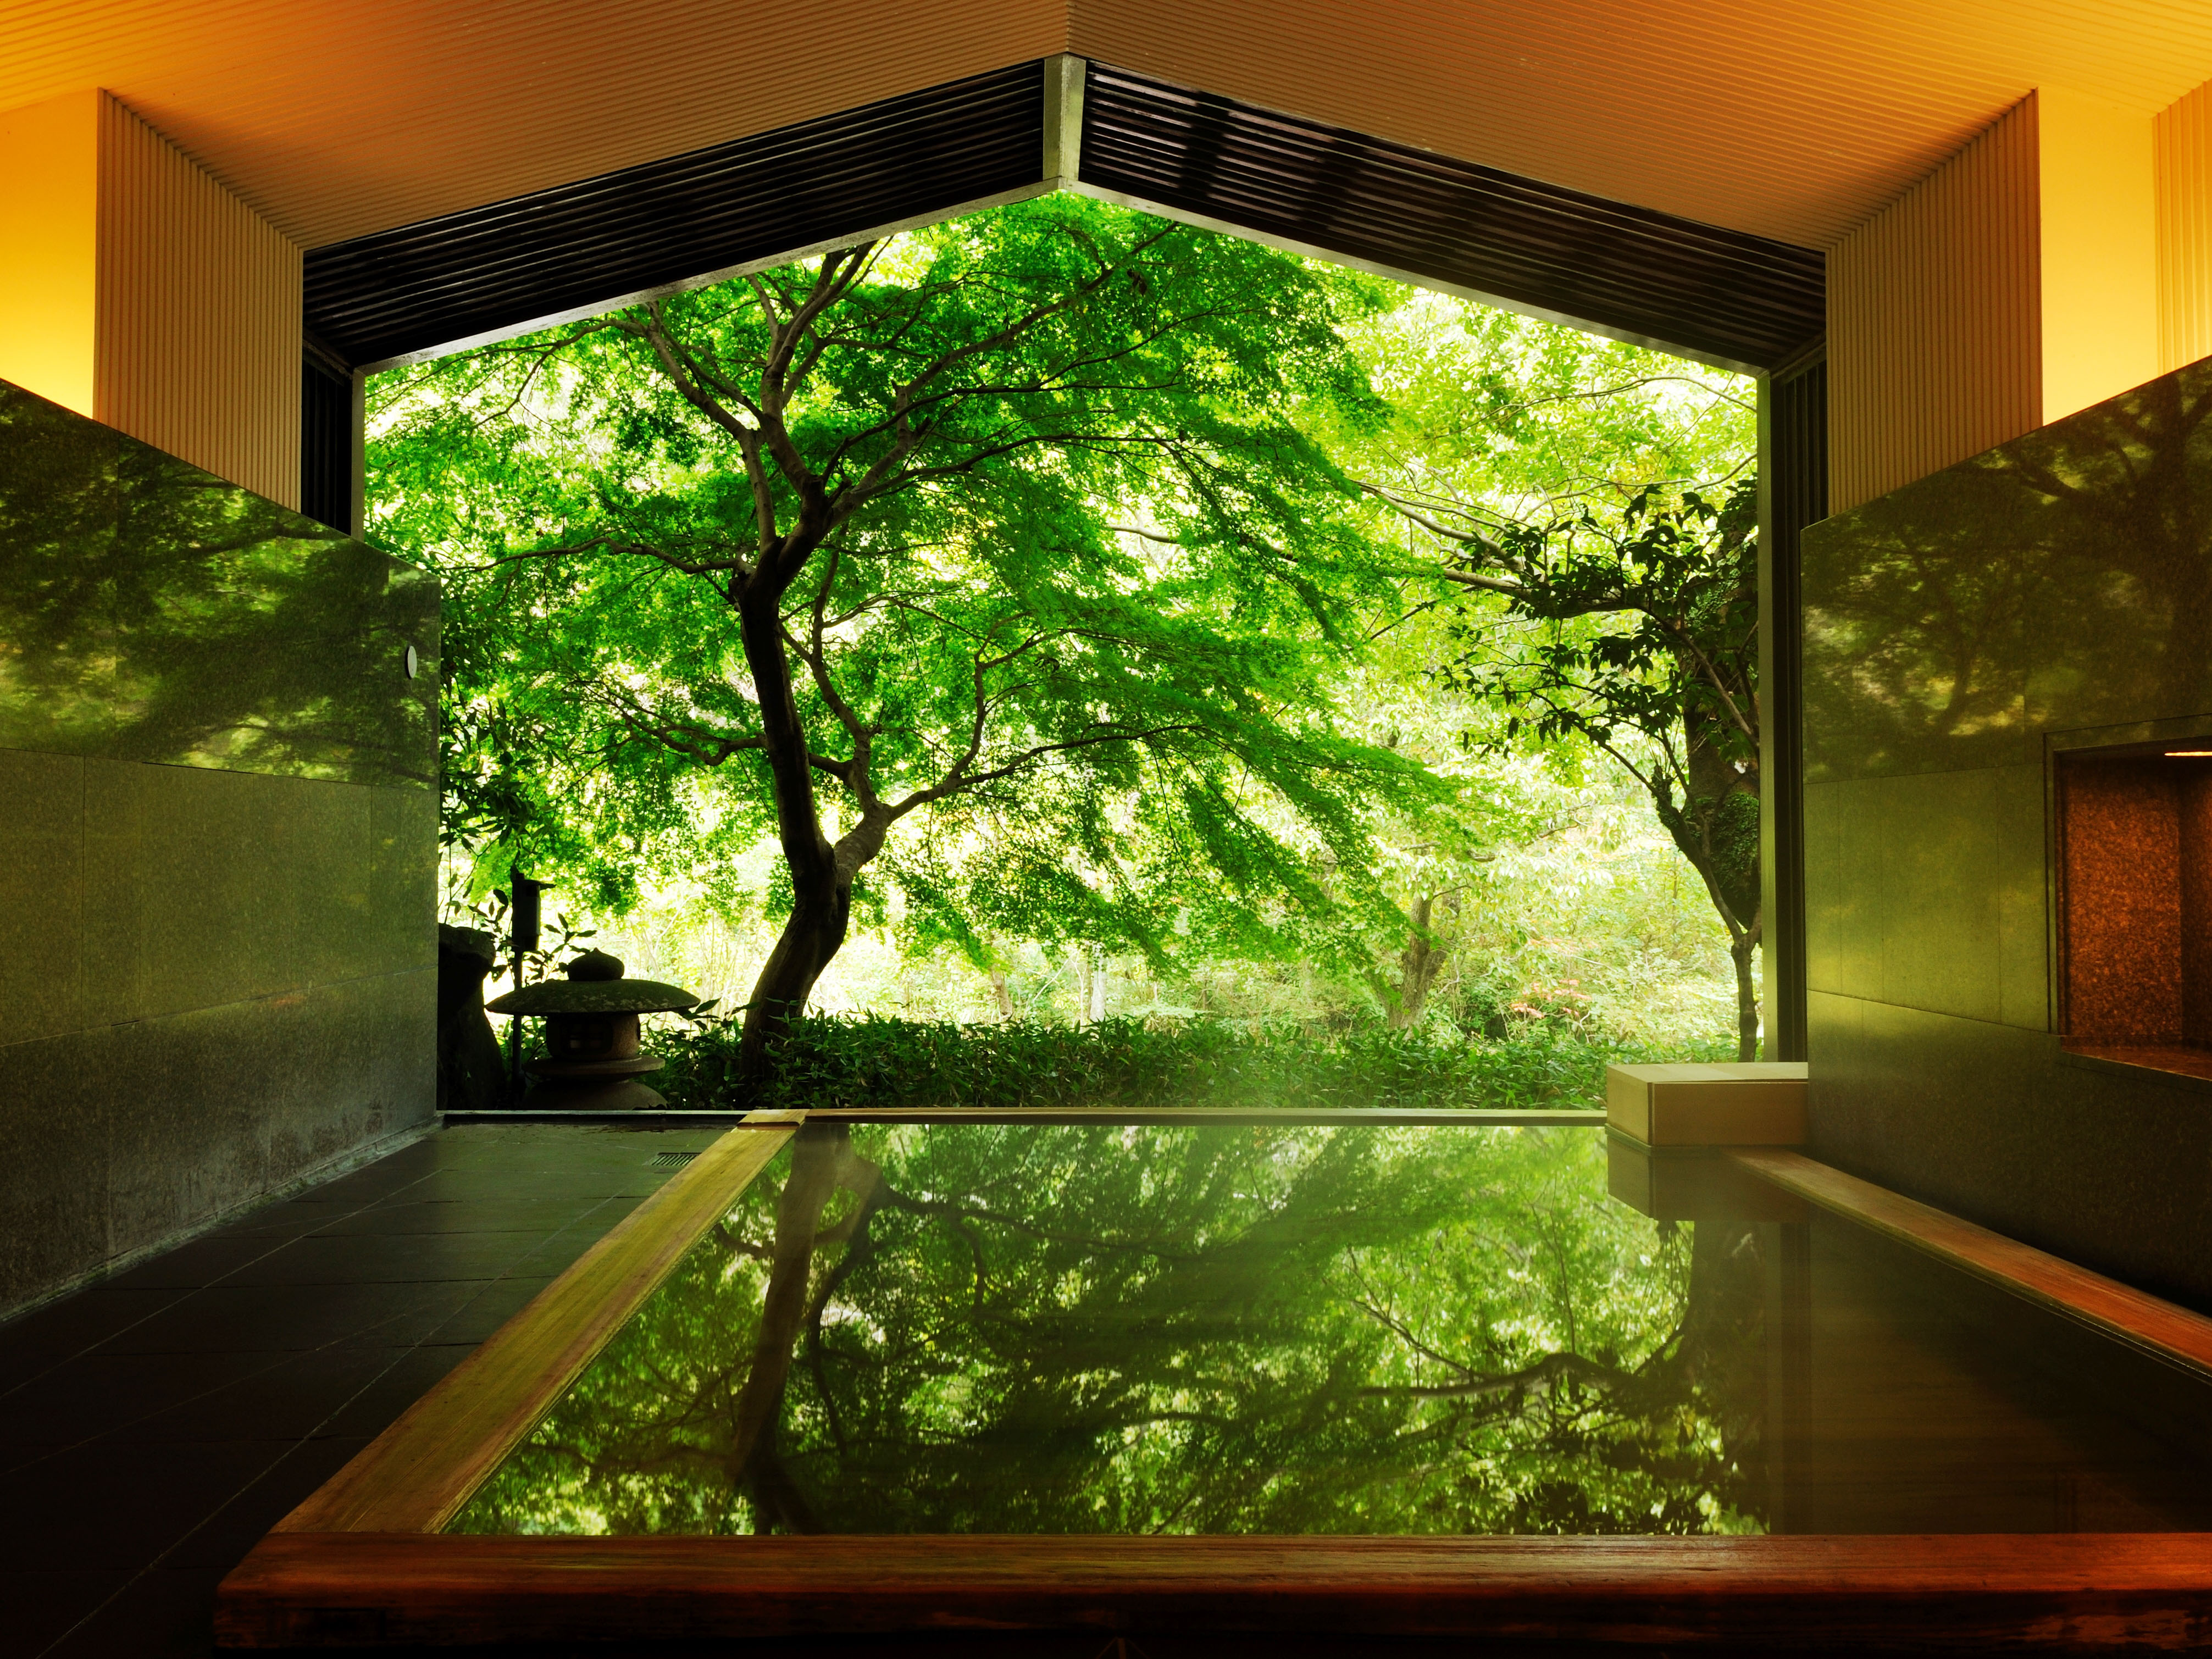 箱根で訪れたい、絶品揃いの人気ベーカリー&カフェ6選